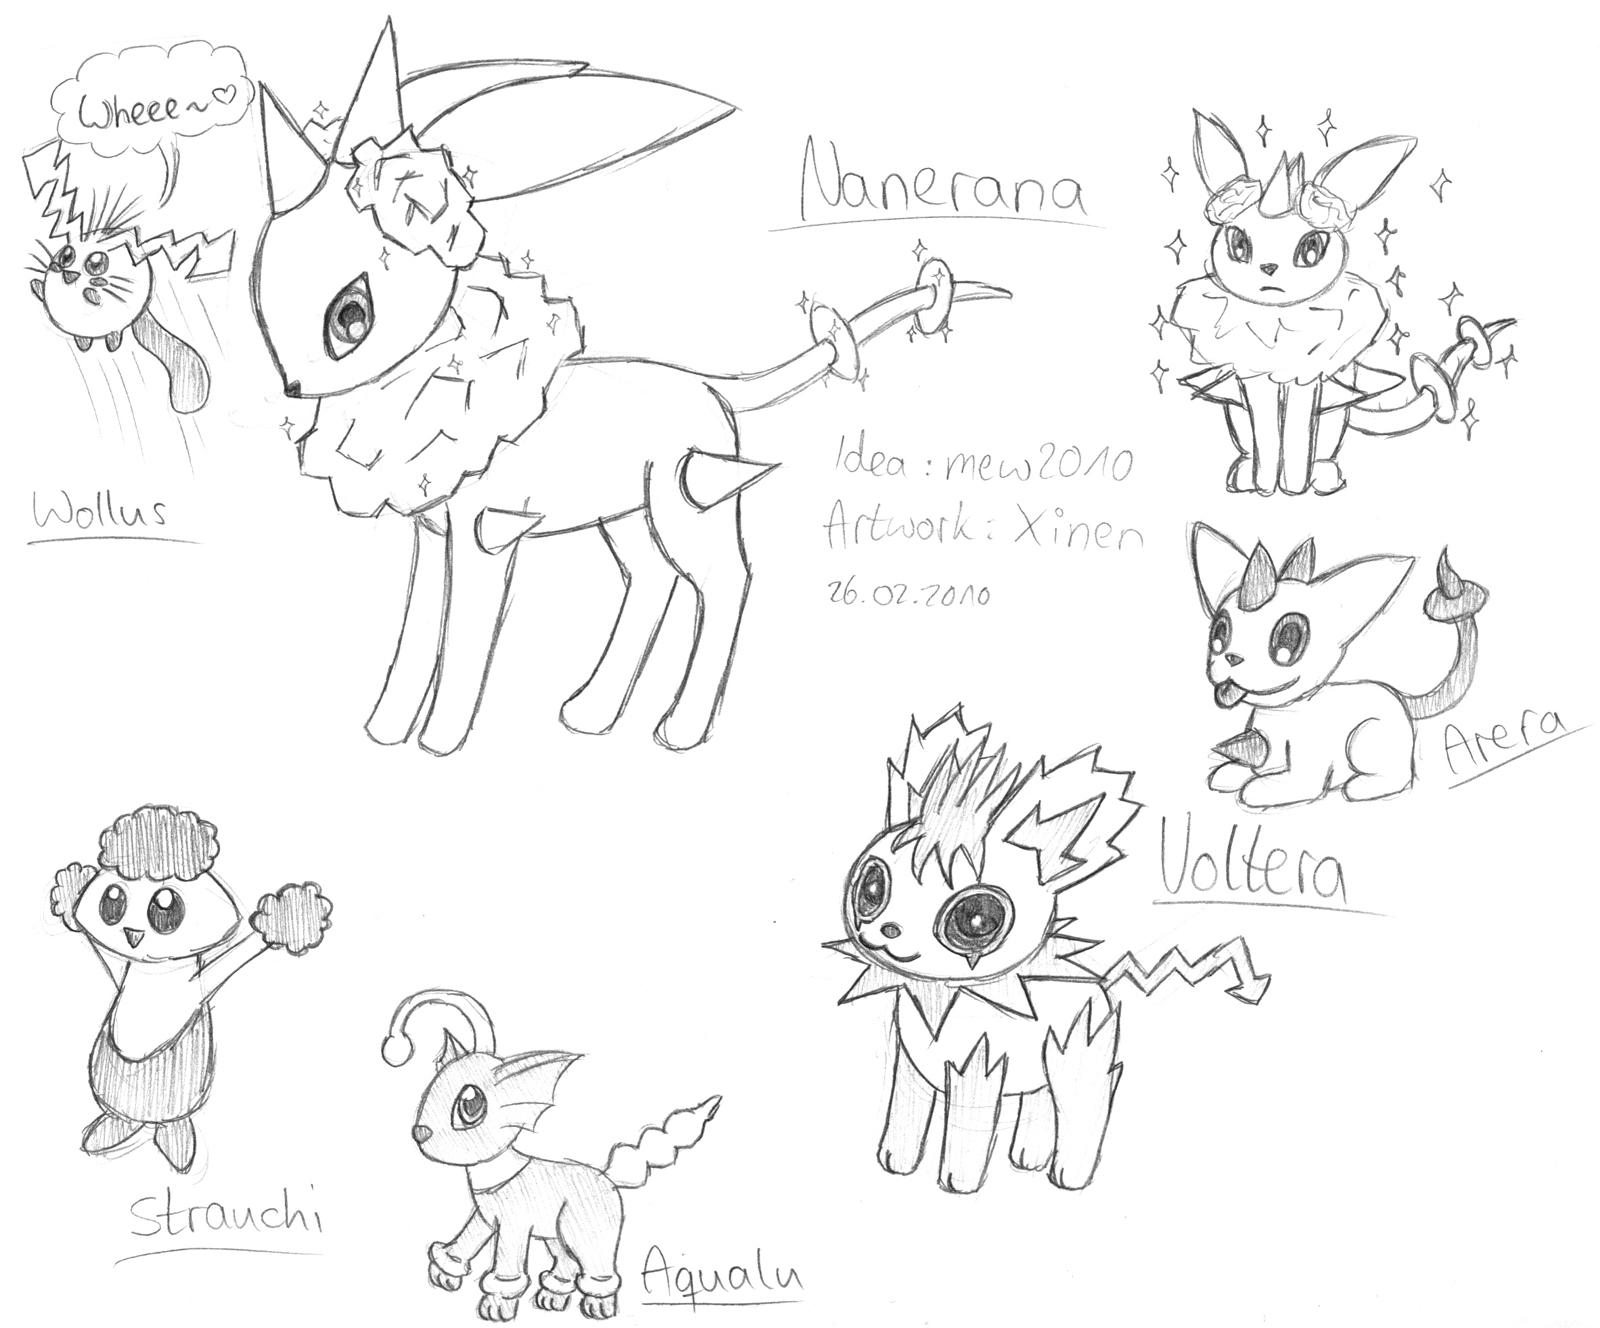 Pokémon-Zeichnung: mehrere von mew2010